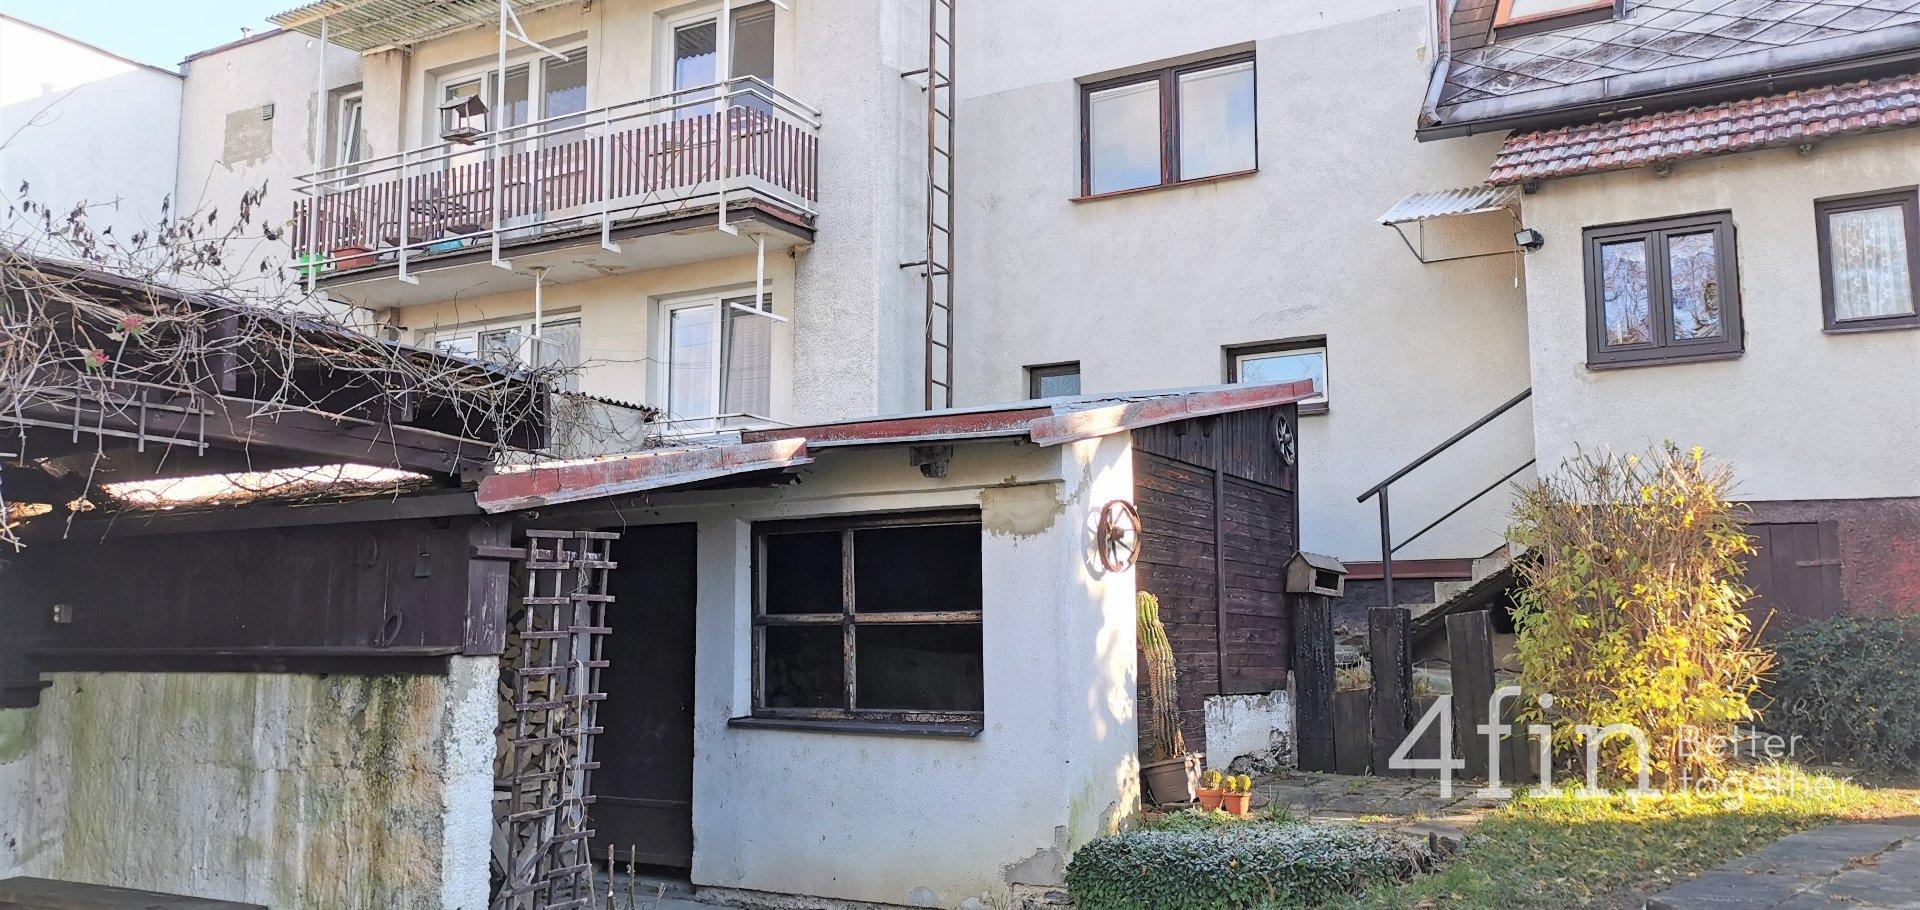 Prodej rodinného domu 5+2, 97m2 s pozemky 6585m2, obec Hodslavice